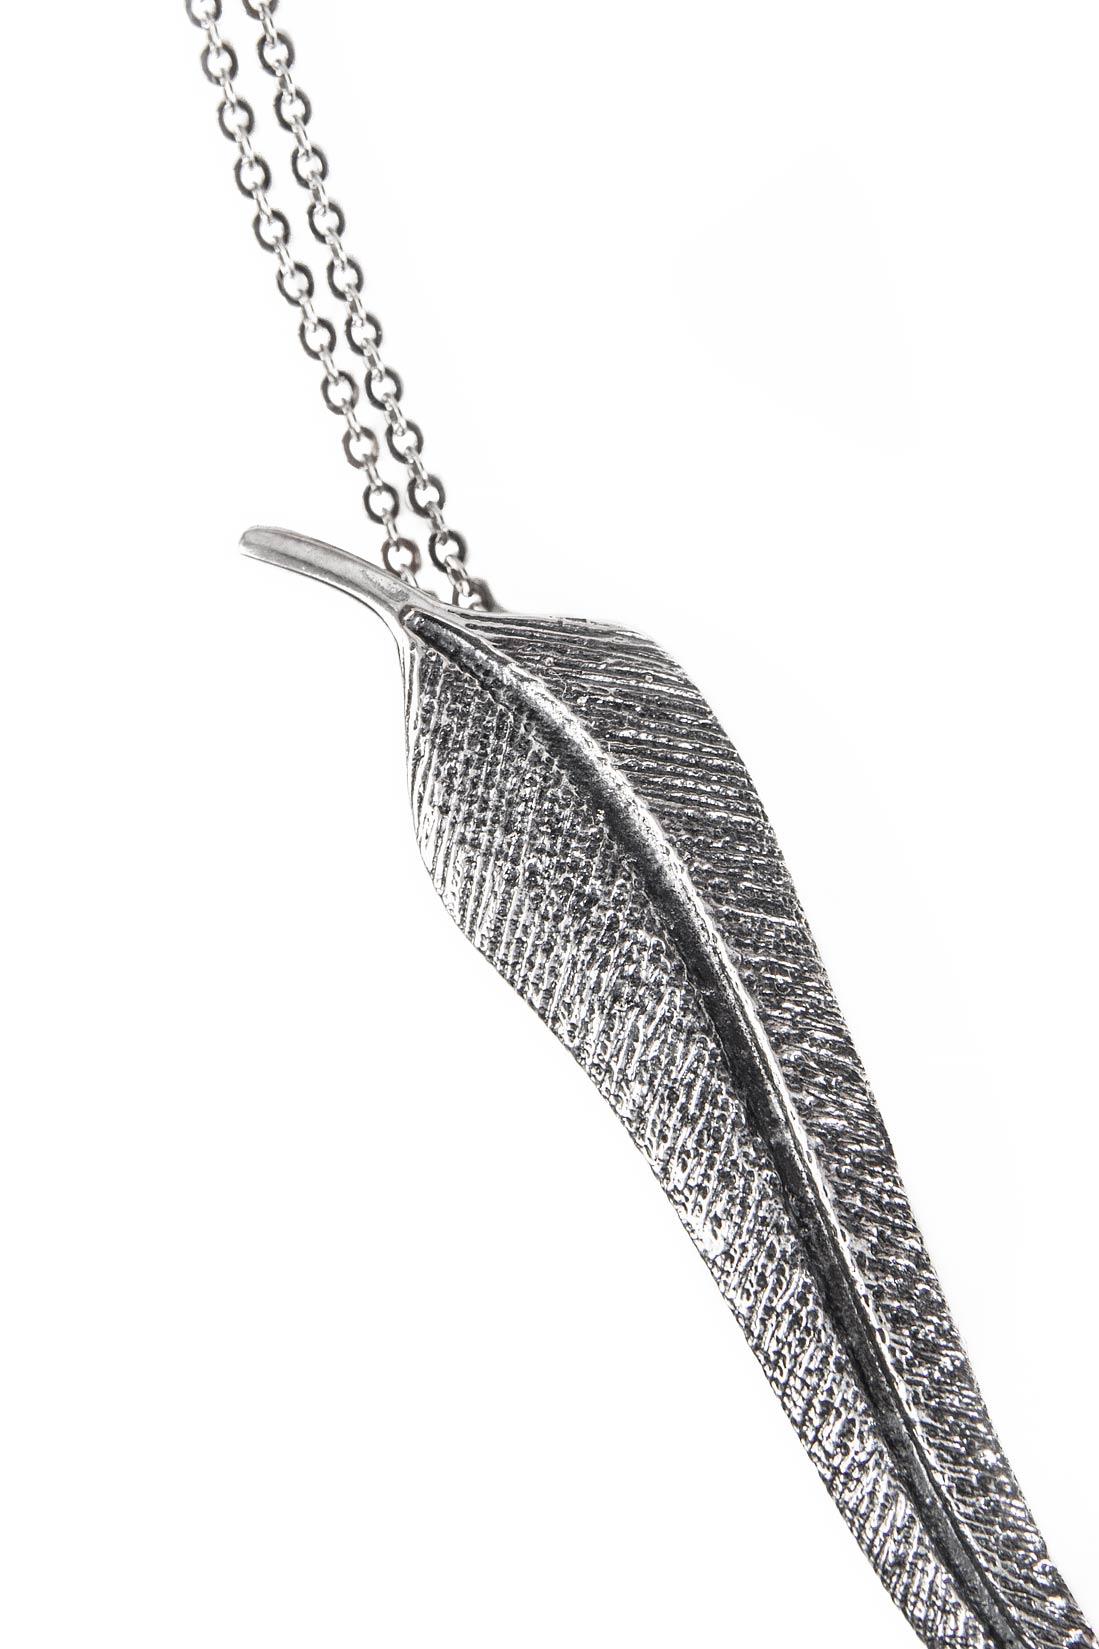 collier en argent plume en argent collier sautoirs bijoux sur mesure. Black Bedroom Furniture Sets. Home Design Ideas